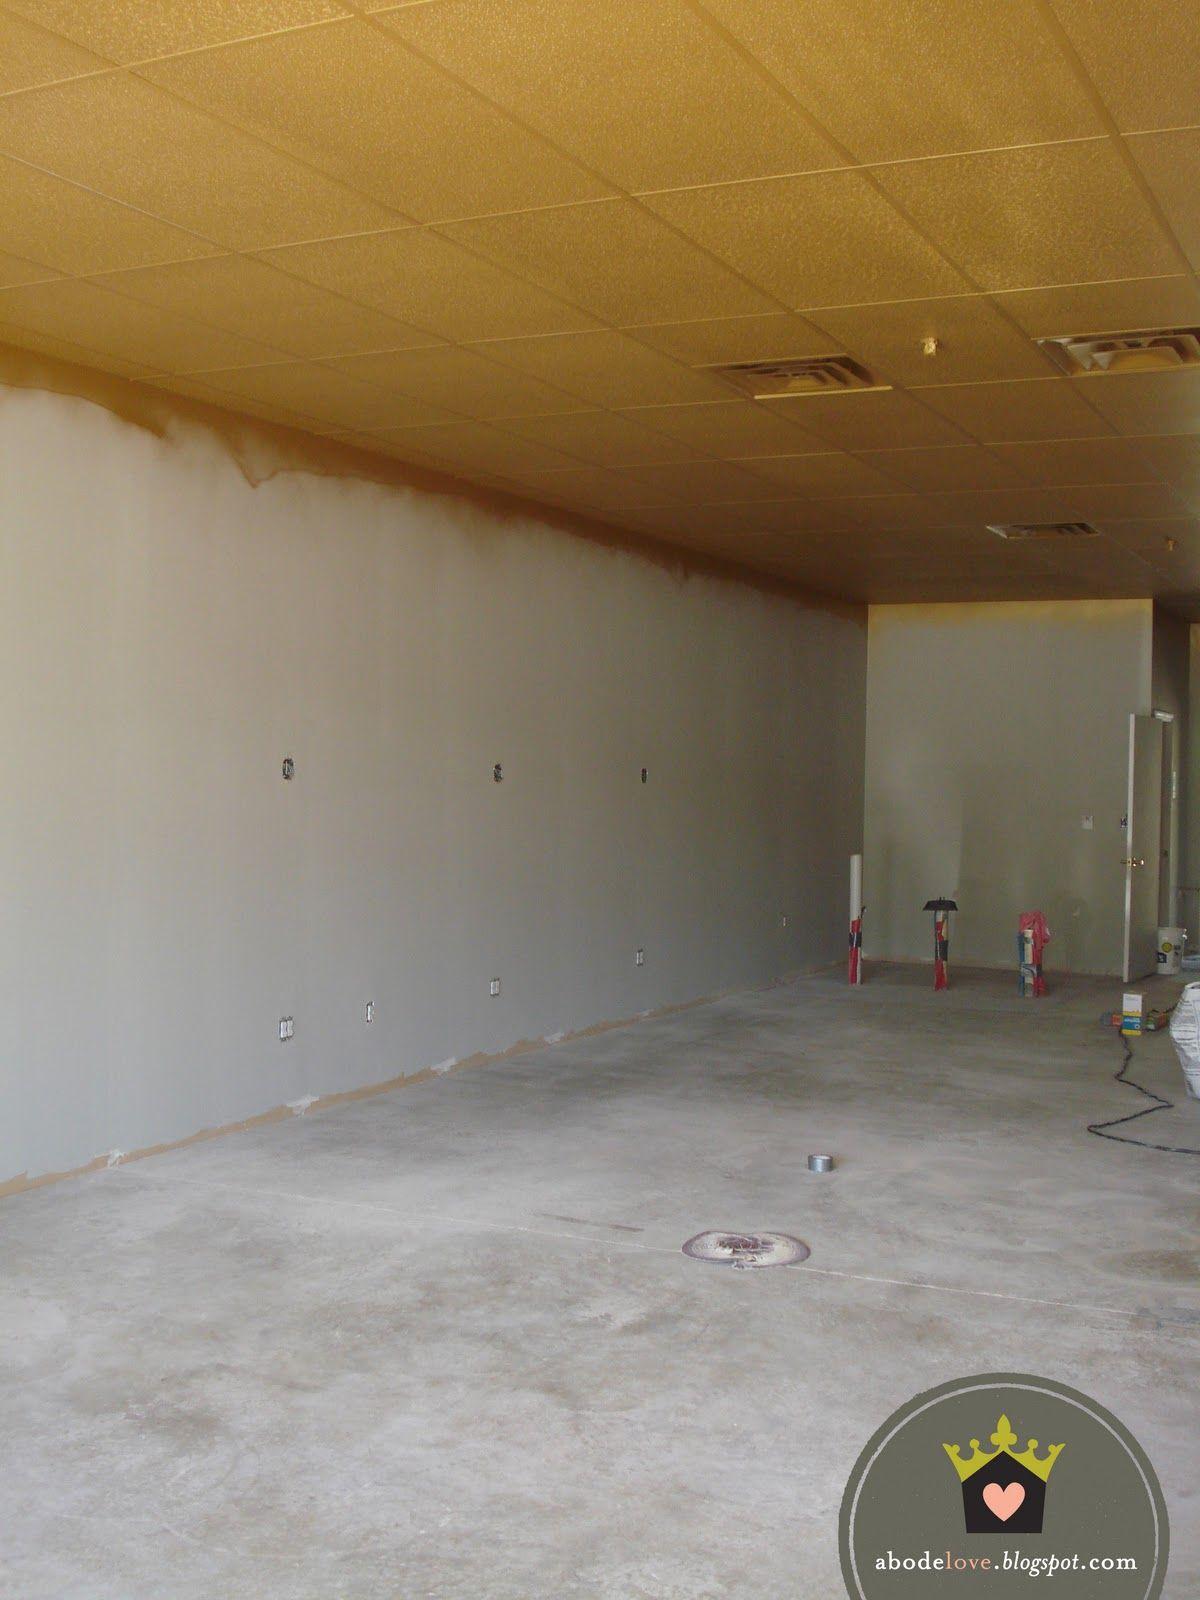 drop ceiling paint ideas - Paint the drop ceiling for pizazz 1613 Ideas